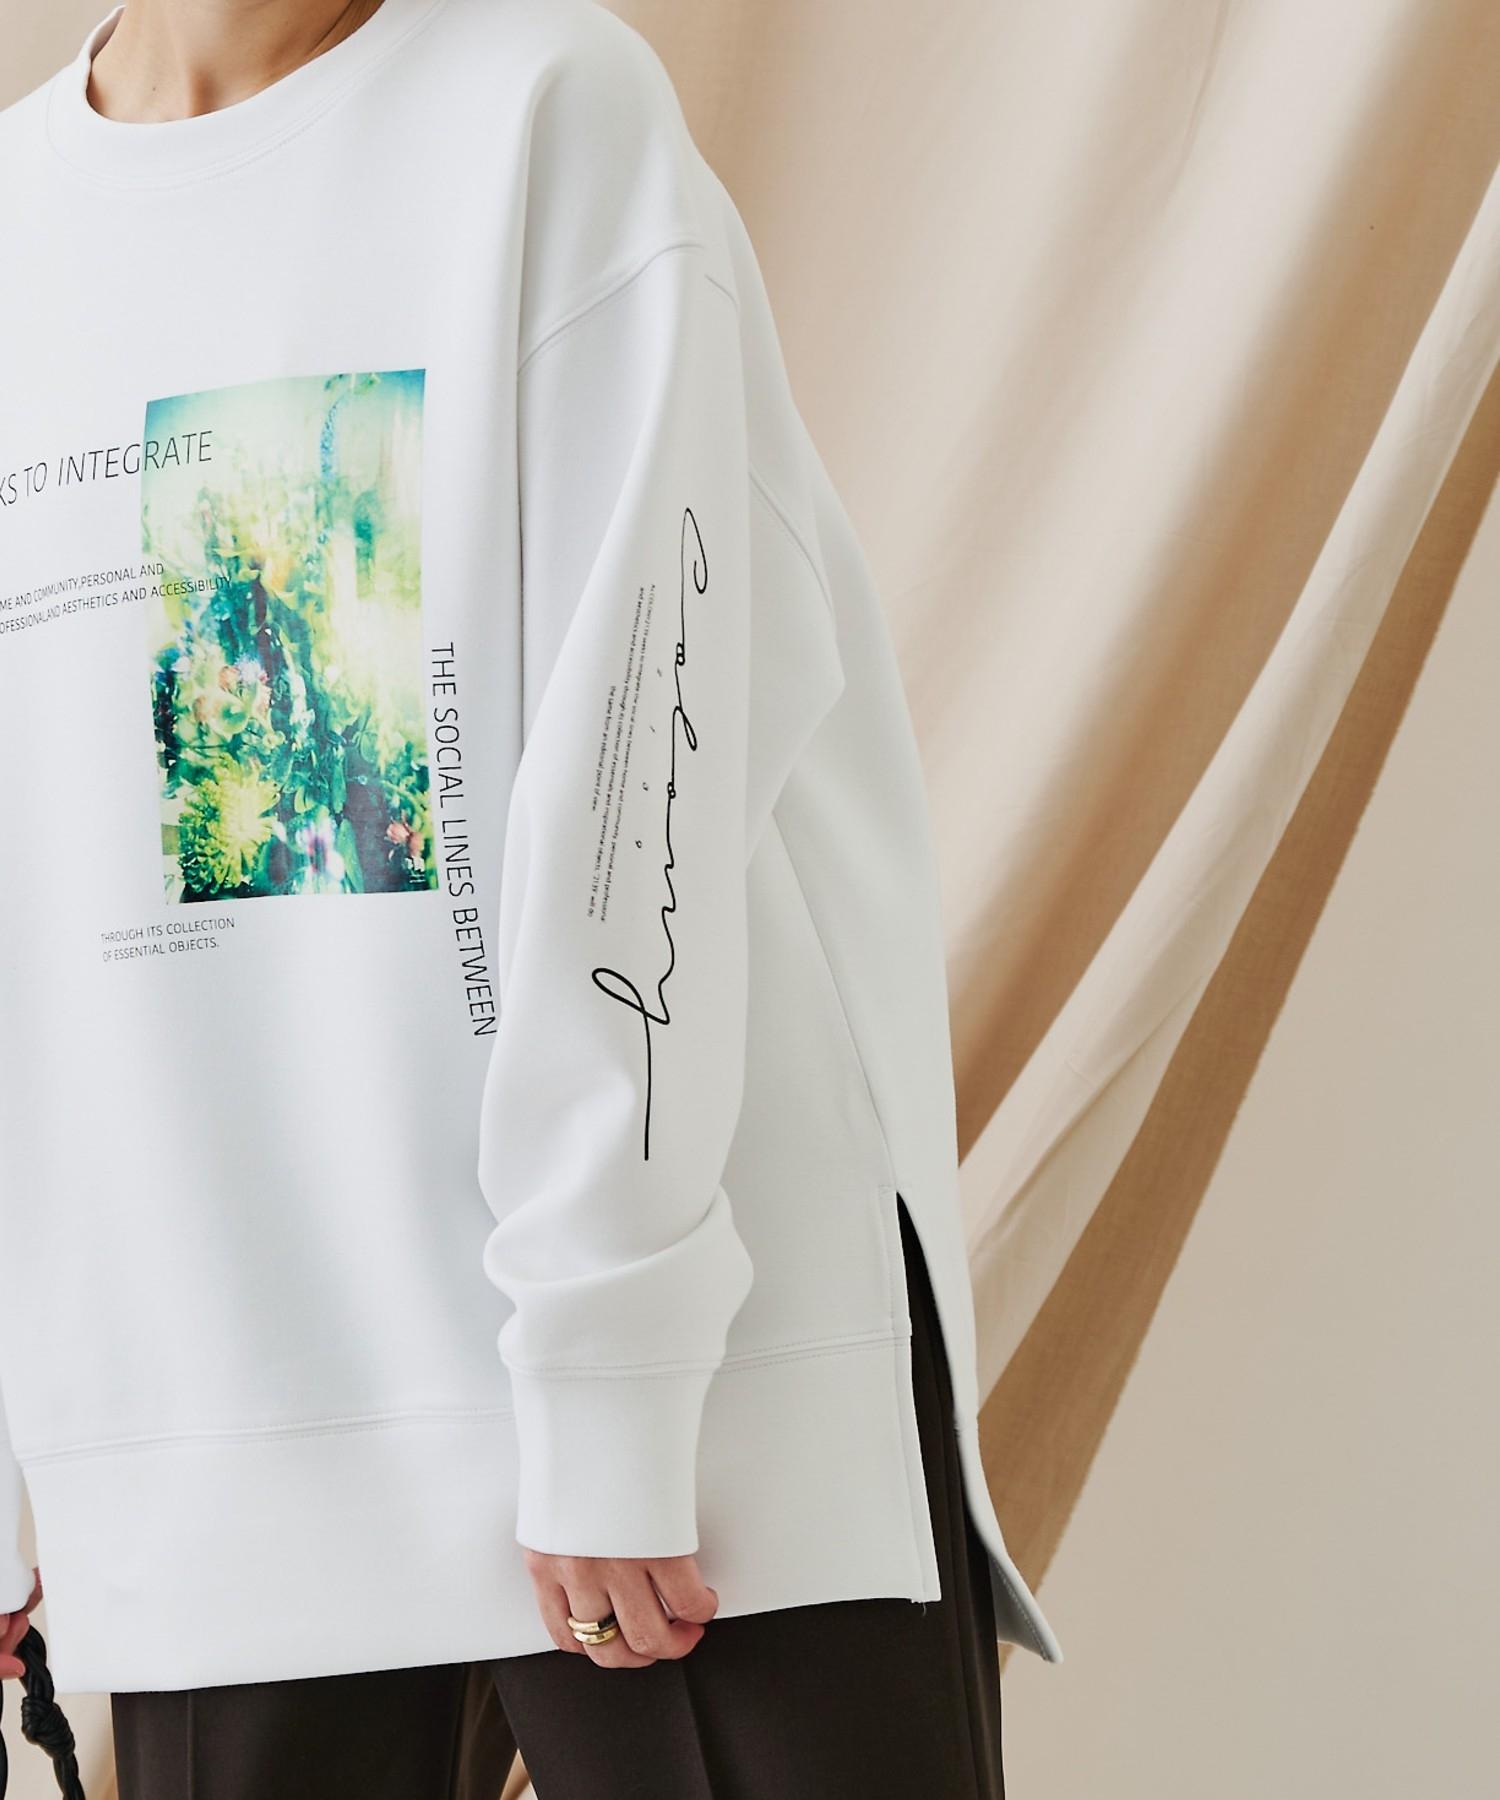 COLONY 2139(コロニー トゥーワンスリーナイン) 【WEB・一部店舗限定】ST 2139 ダンボールフラワーフォトPTスウェット